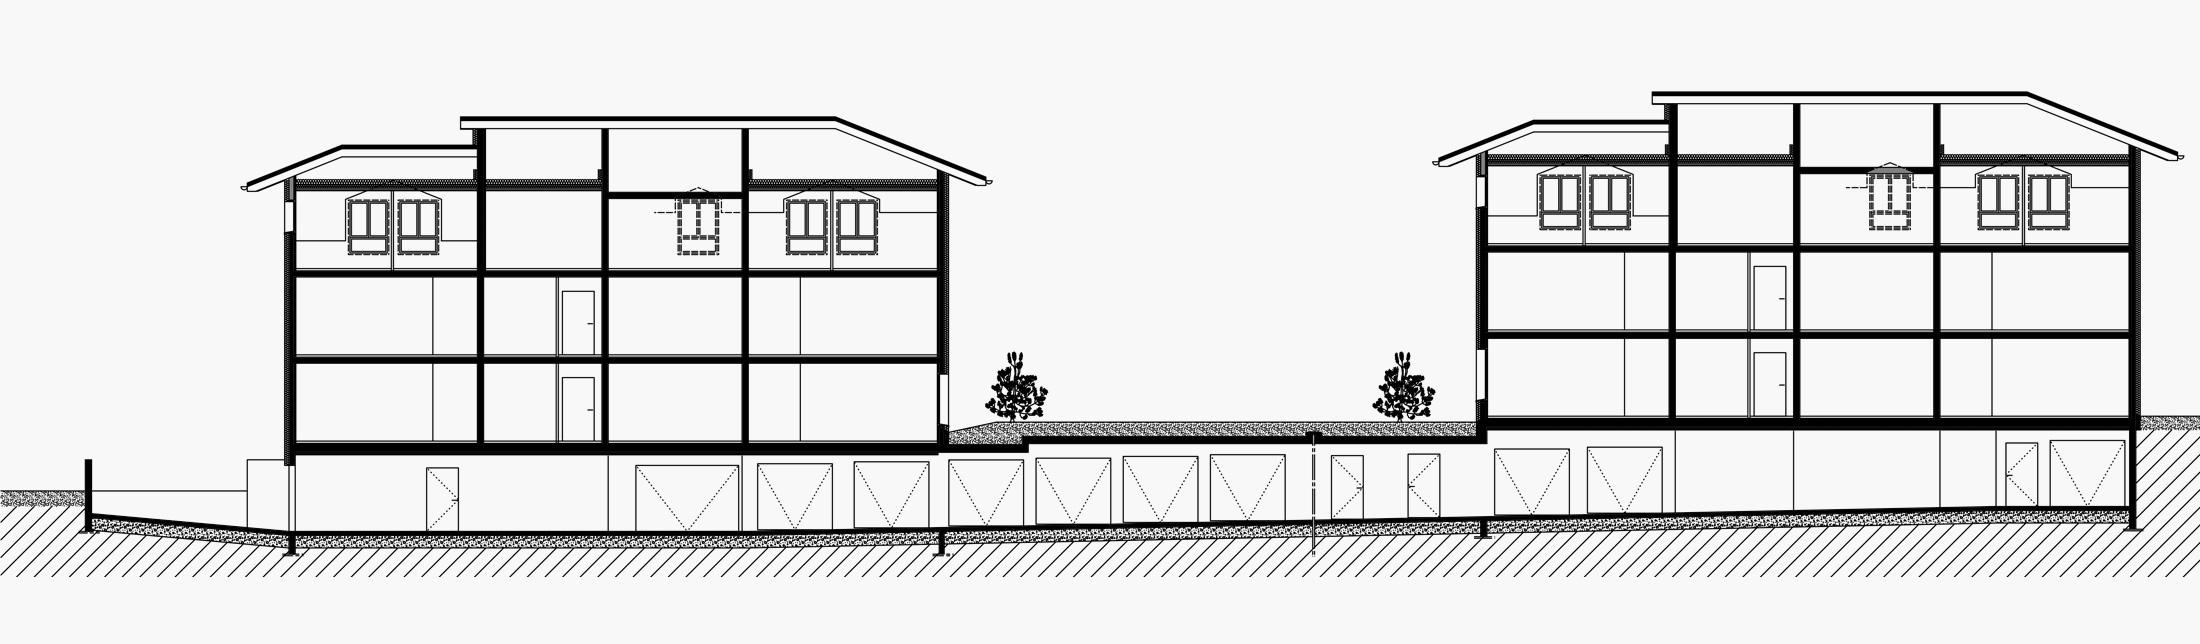 Dessinateur projeteur batiment et architecture Annecy - Savoie Plan